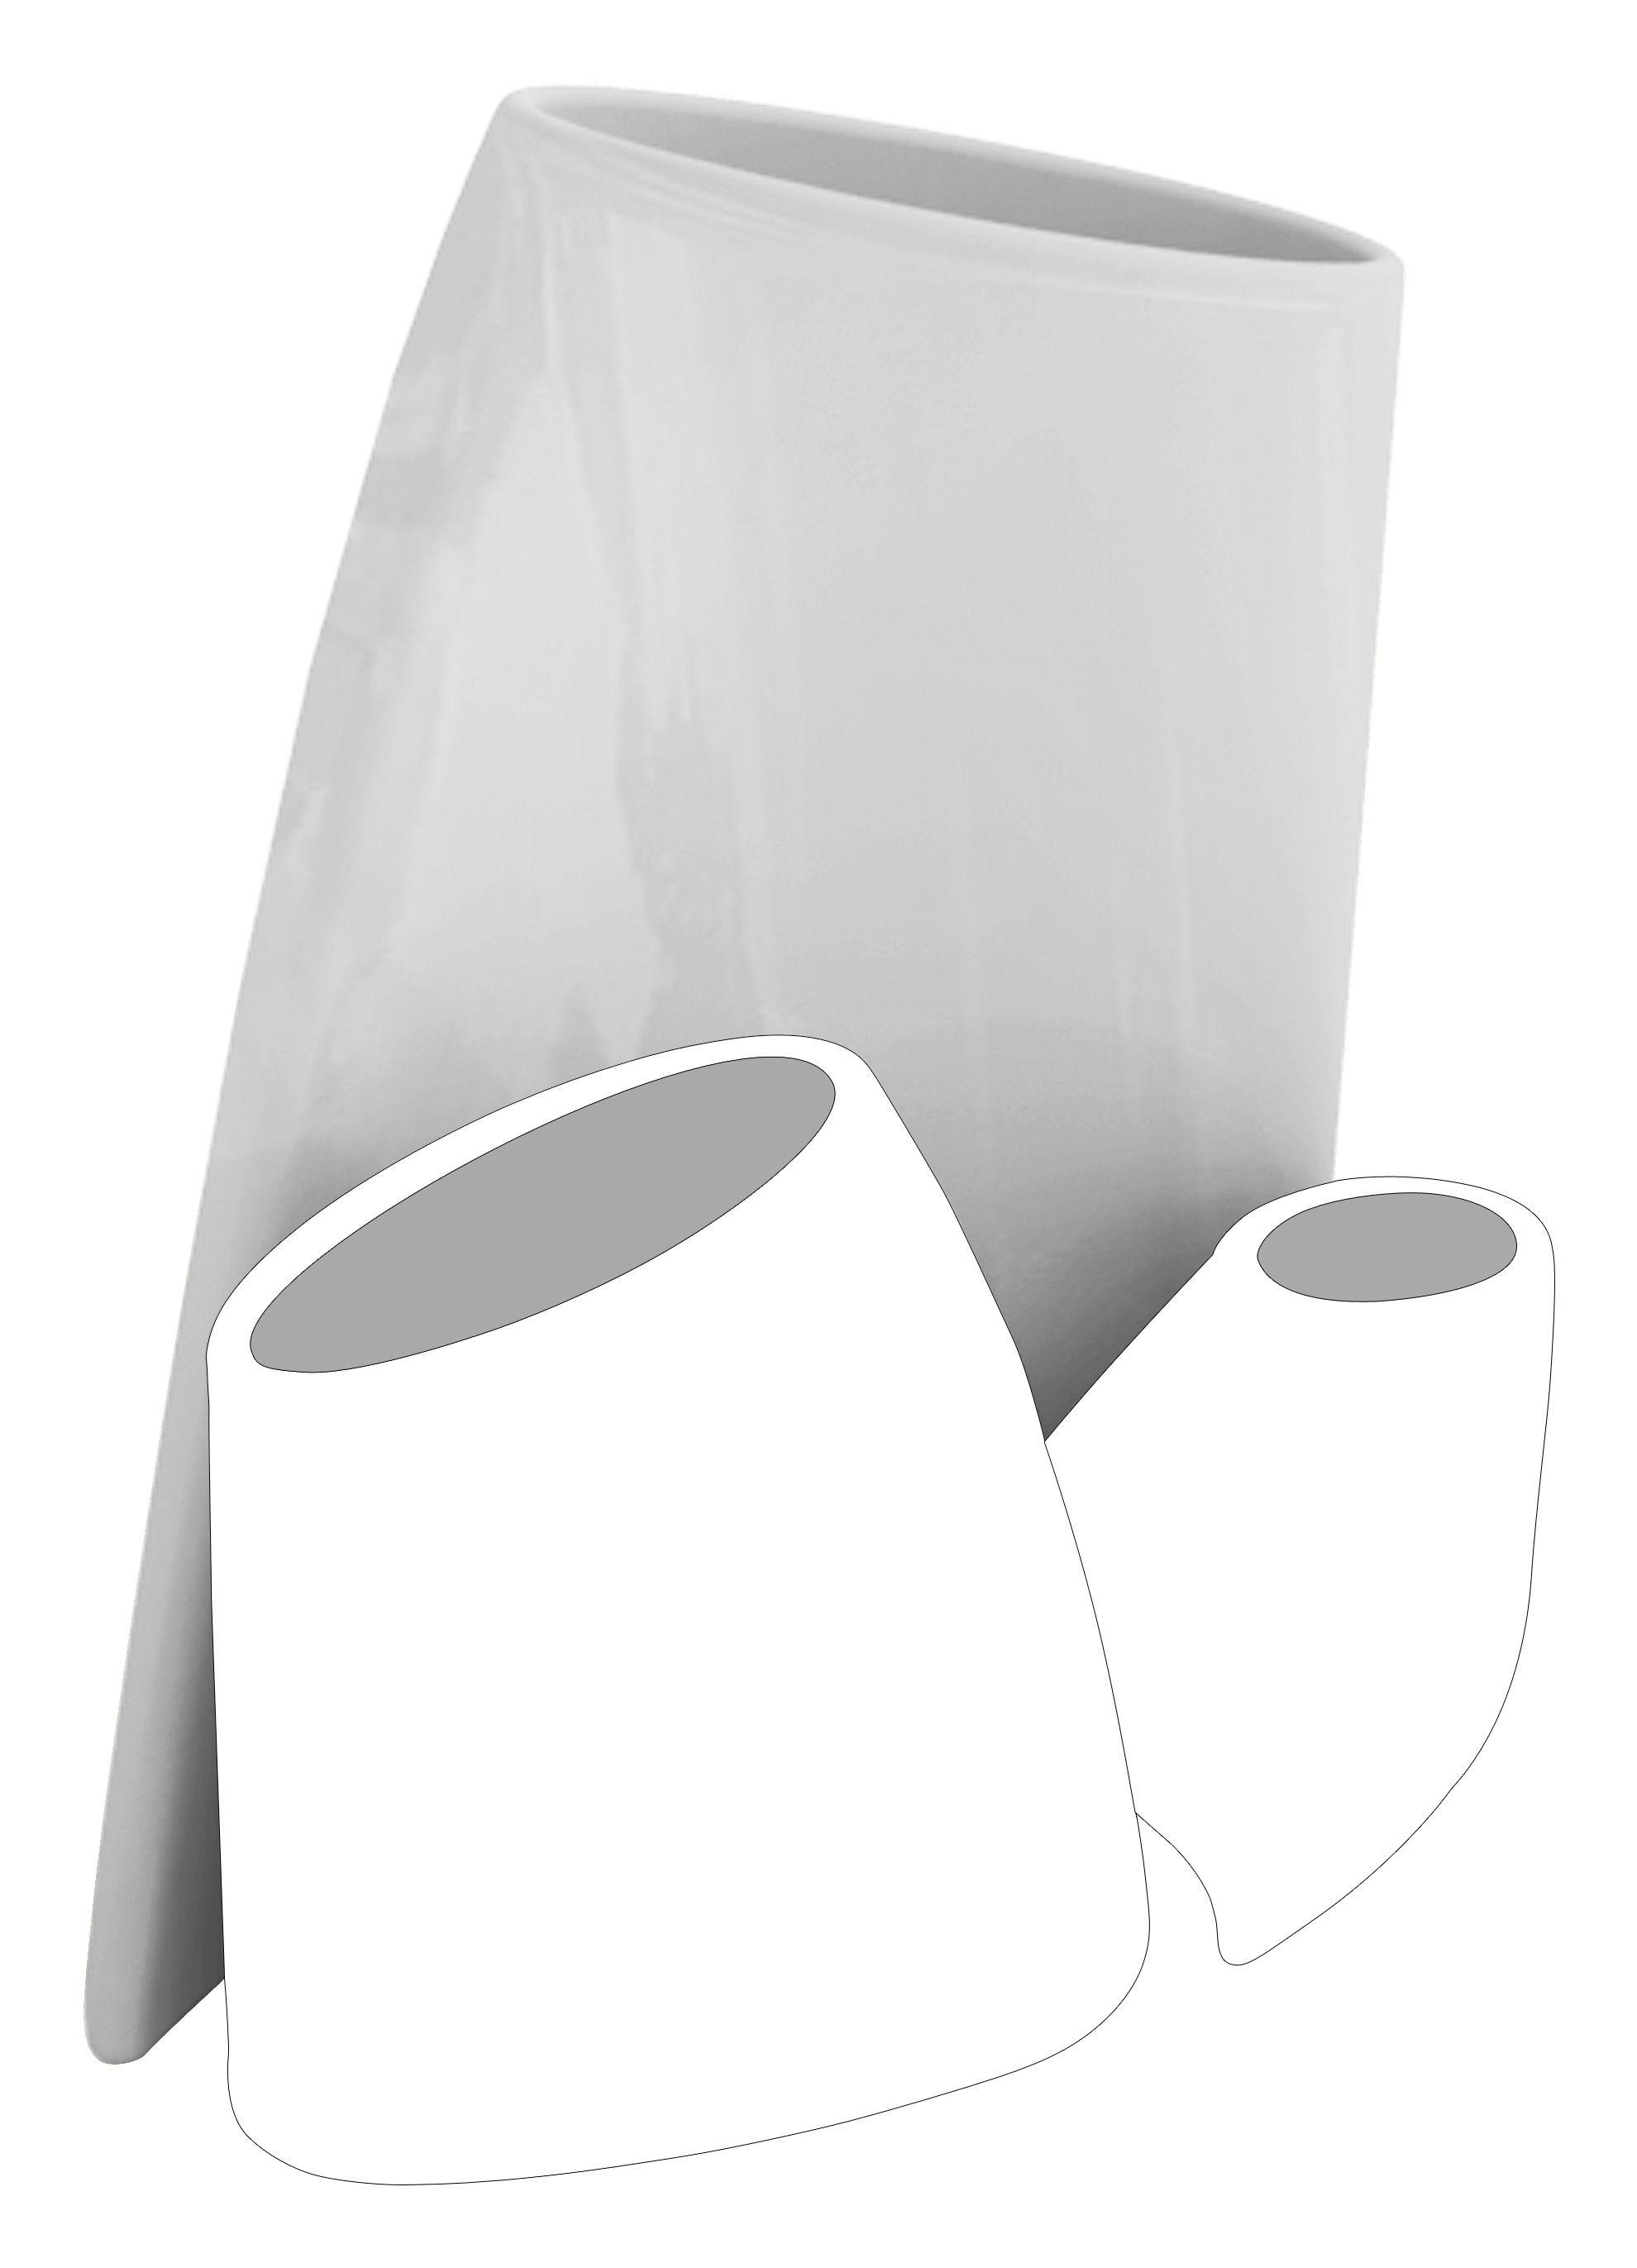 Outdoor - Pots et plantes - Pot de fleurs Tao L H 90 cm - Version laquée - MyYour - Gris clair laqué - Polyéthylène rotomoulé laqué